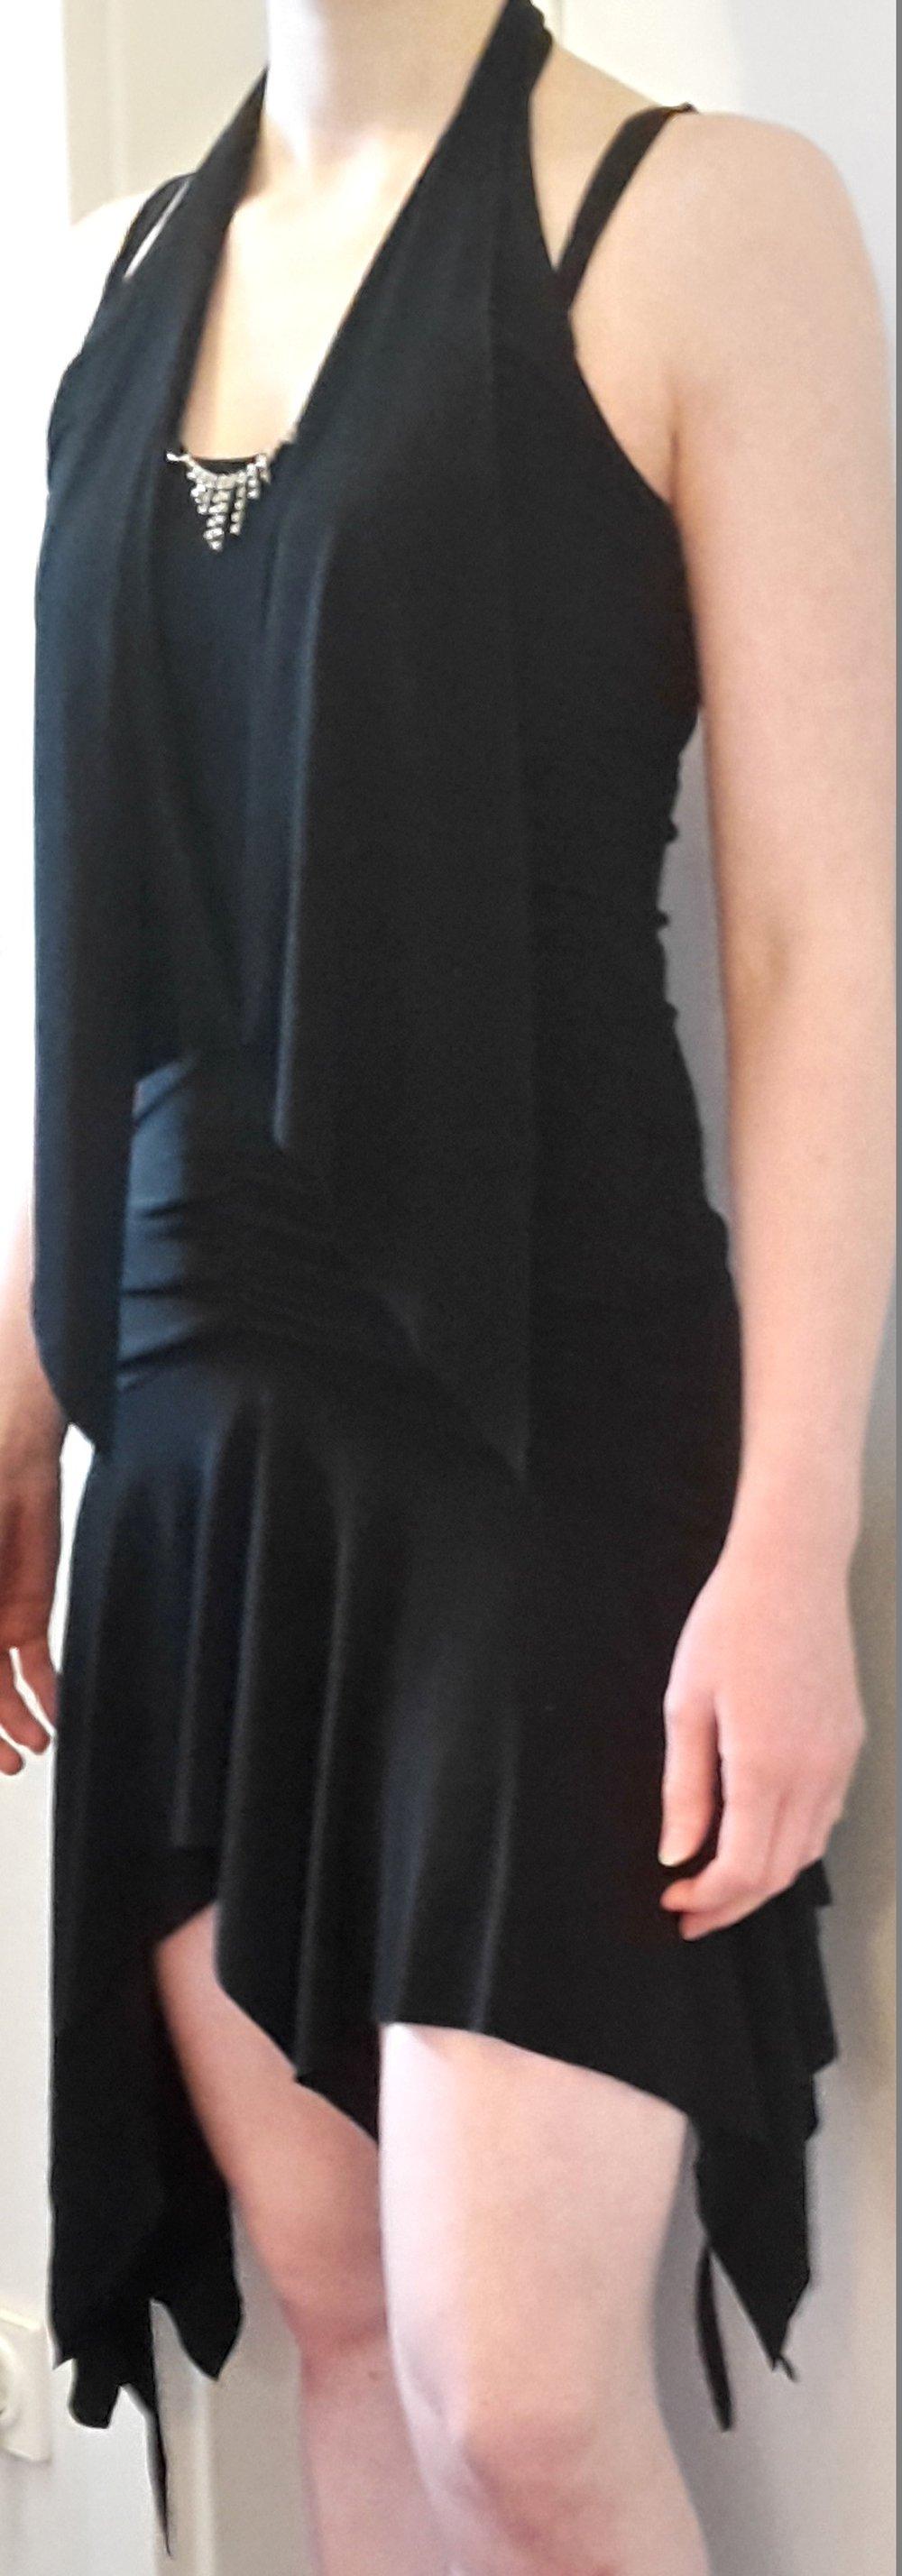 schwarzes abendkleid tanzkleid sexy kleid kleine silberne. Black Bedroom Furniture Sets. Home Design Ideas